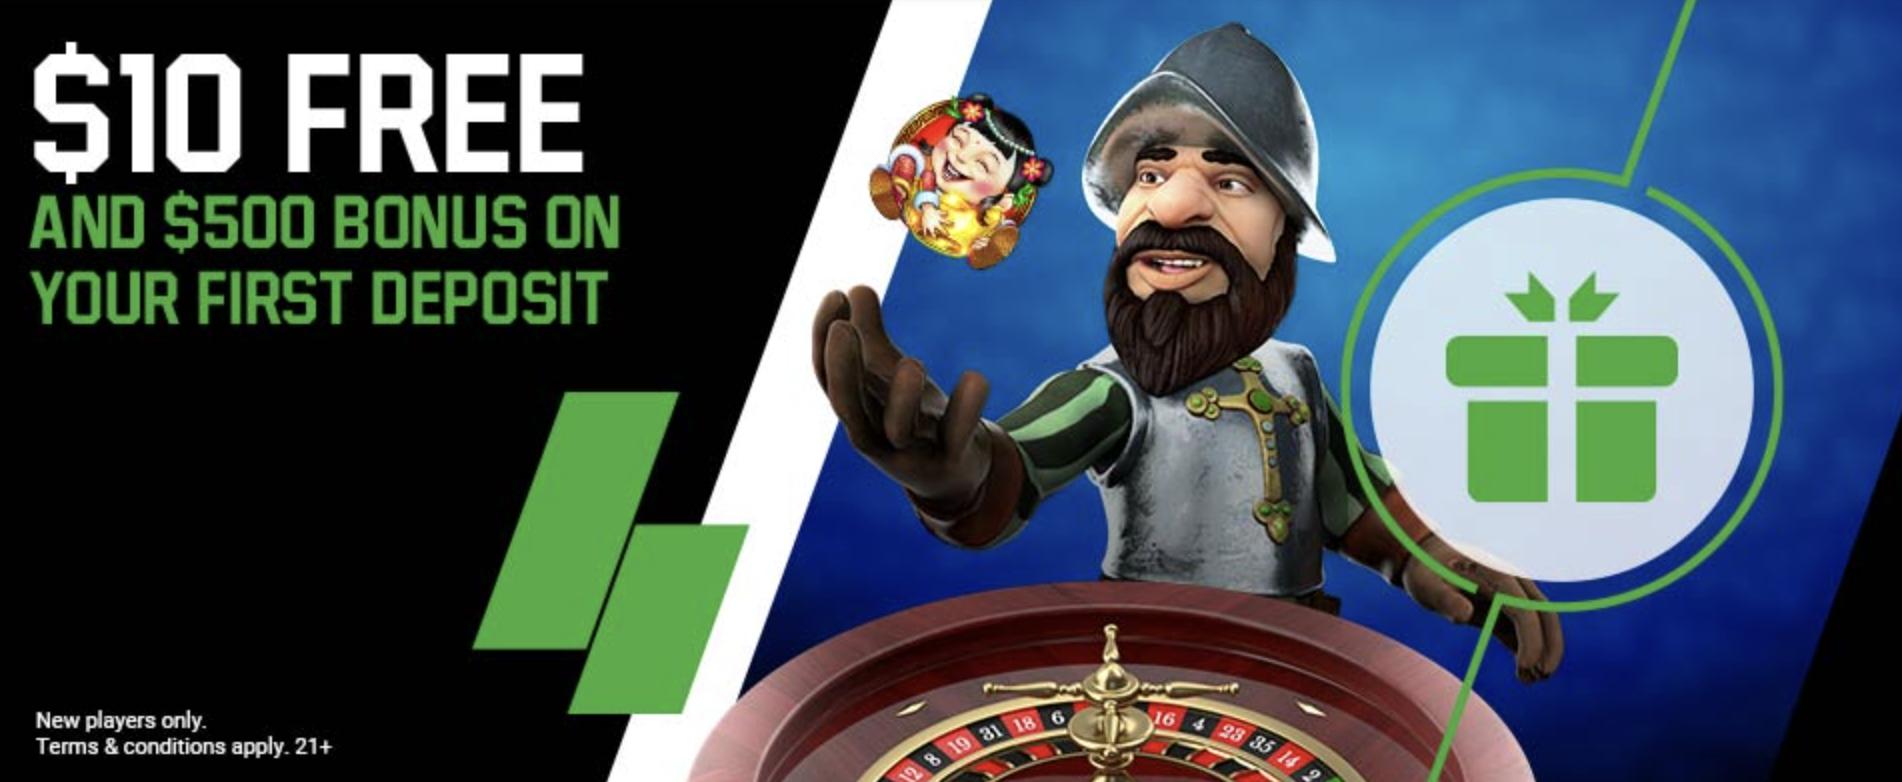 Unibet Online Casino - Welcome Offer